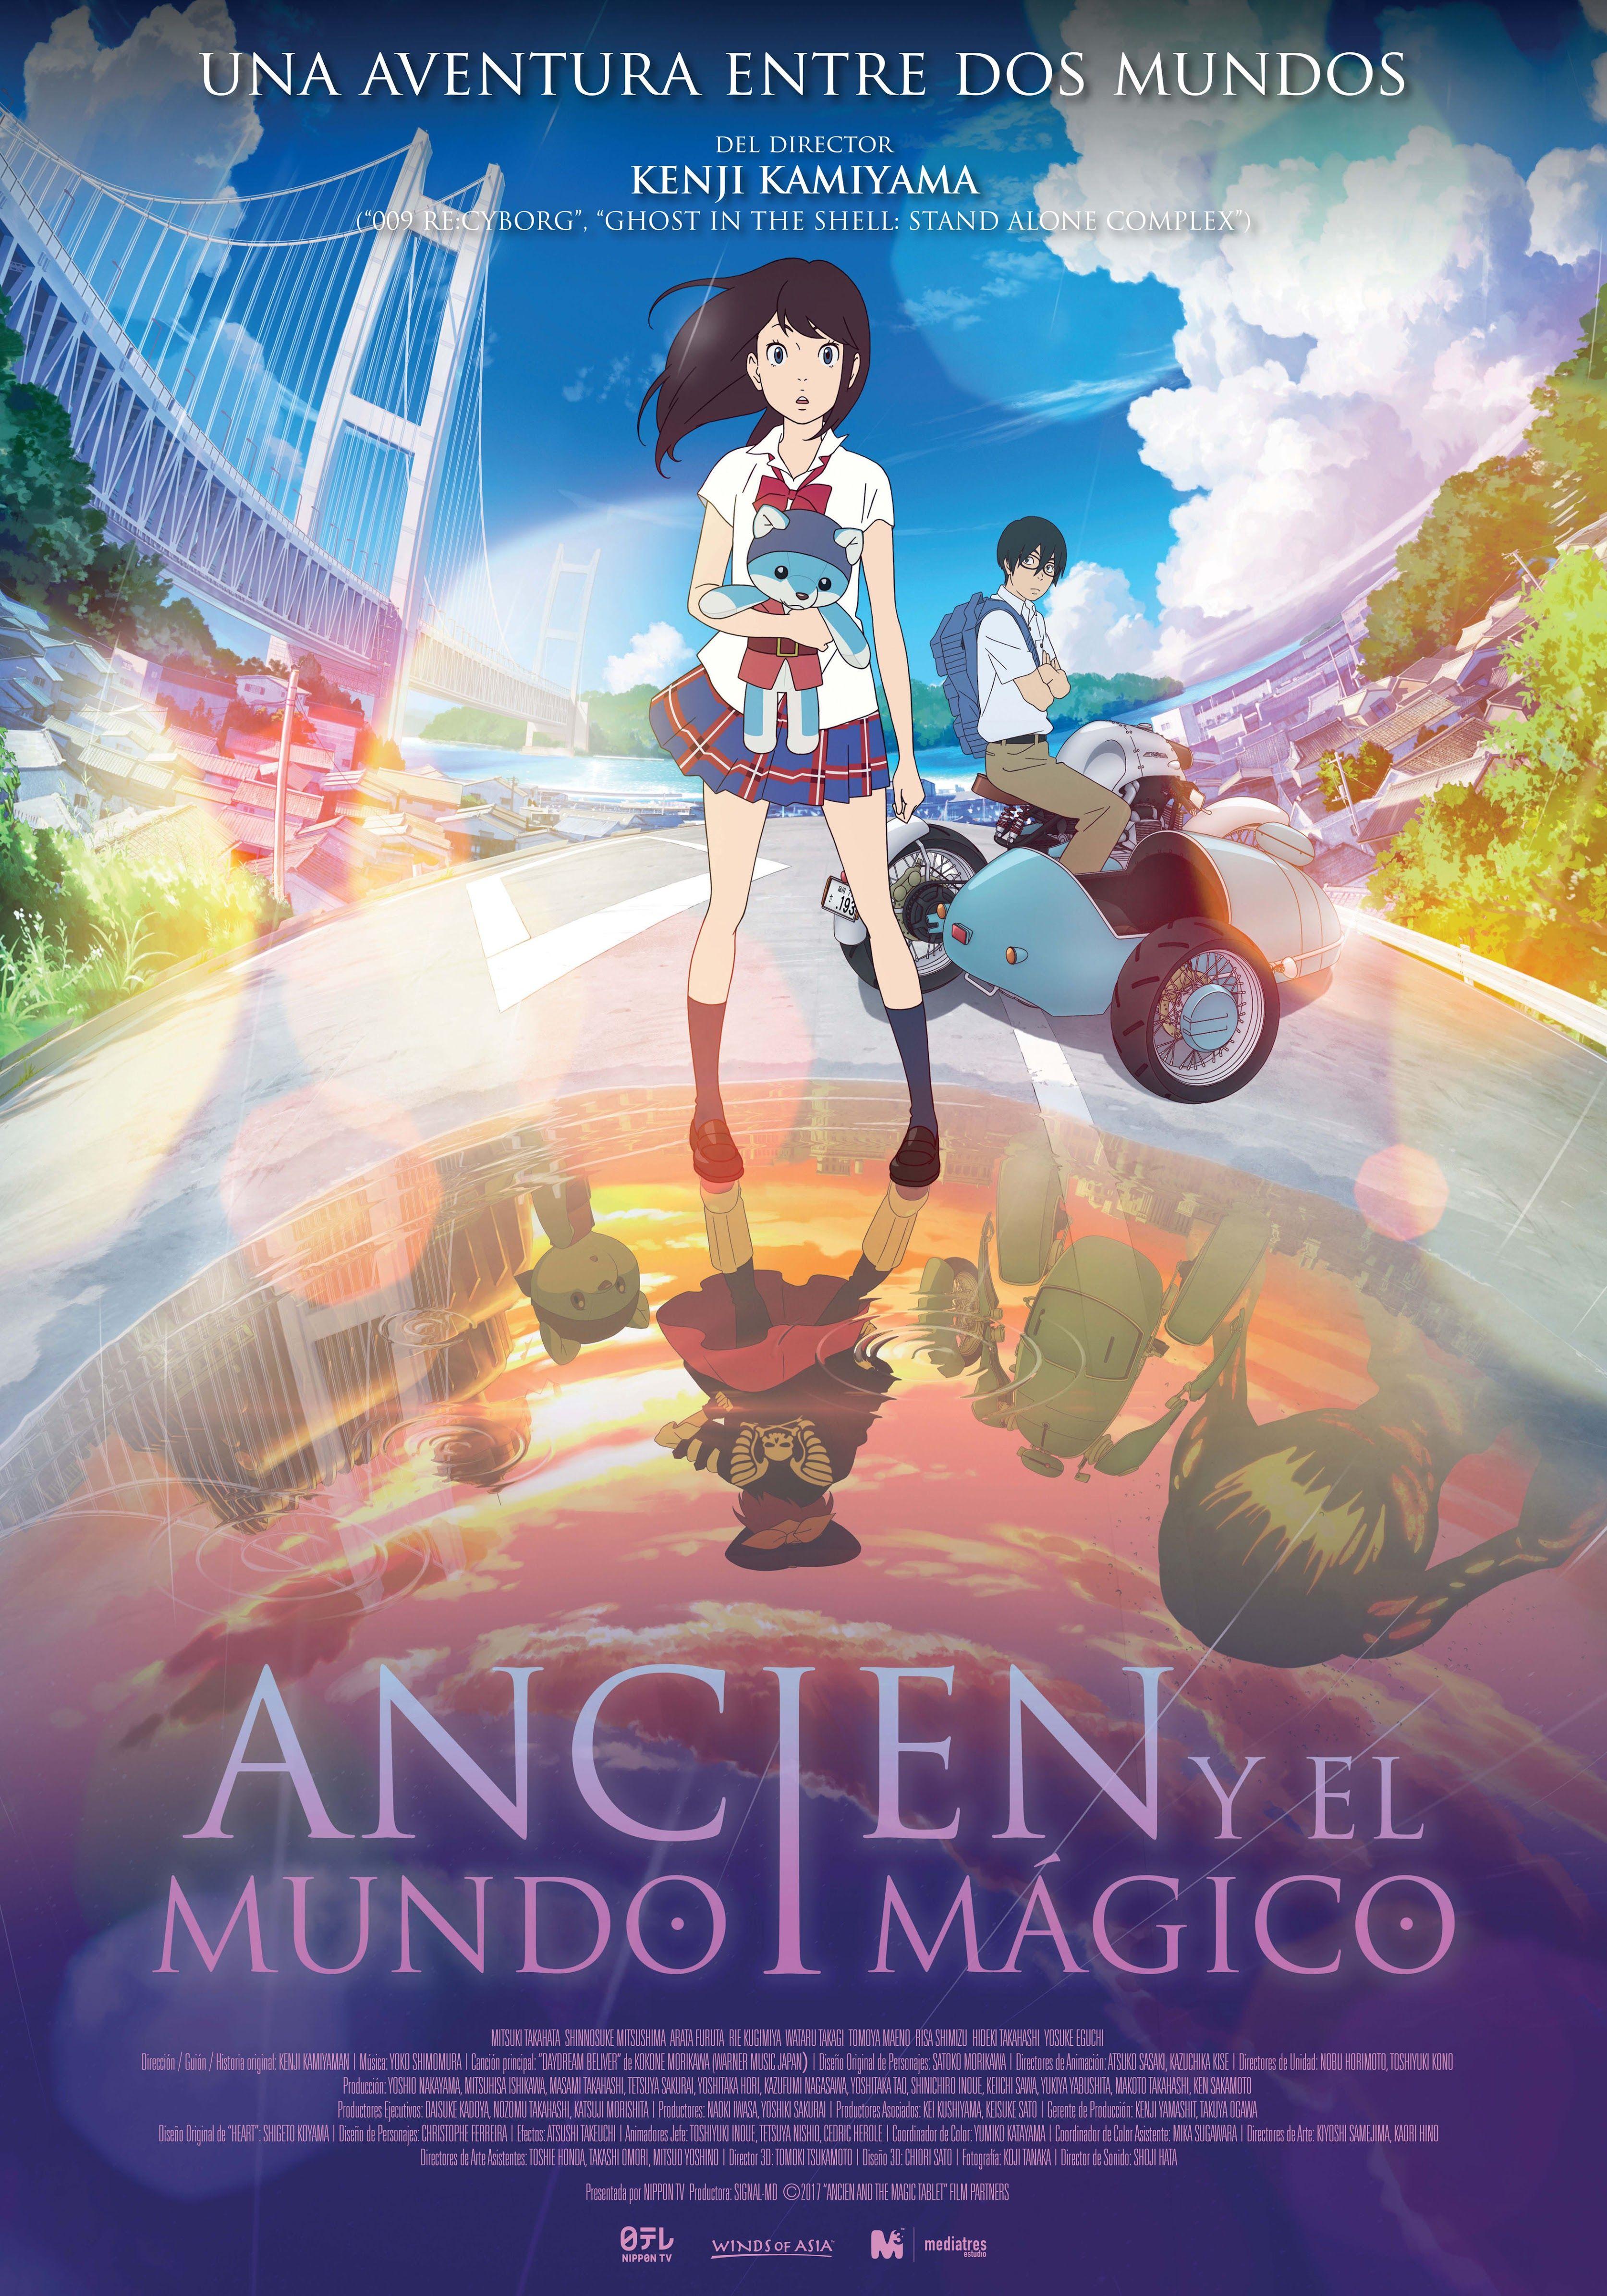 Ancien Y El Mundo Magico Peliculas De Anime Mejores Peliculas De Anime Peliculas Japonesas Anime